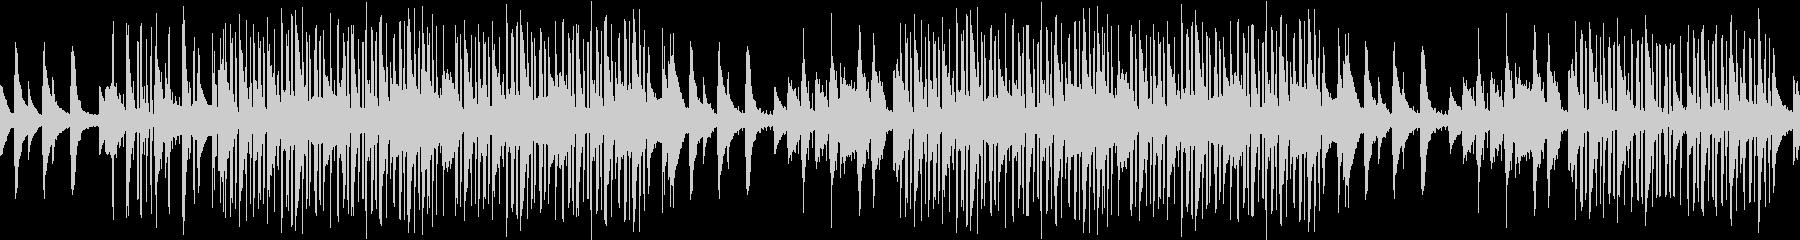 センチメンタル・悲しい・レトロ・ピアノの未再生の波形